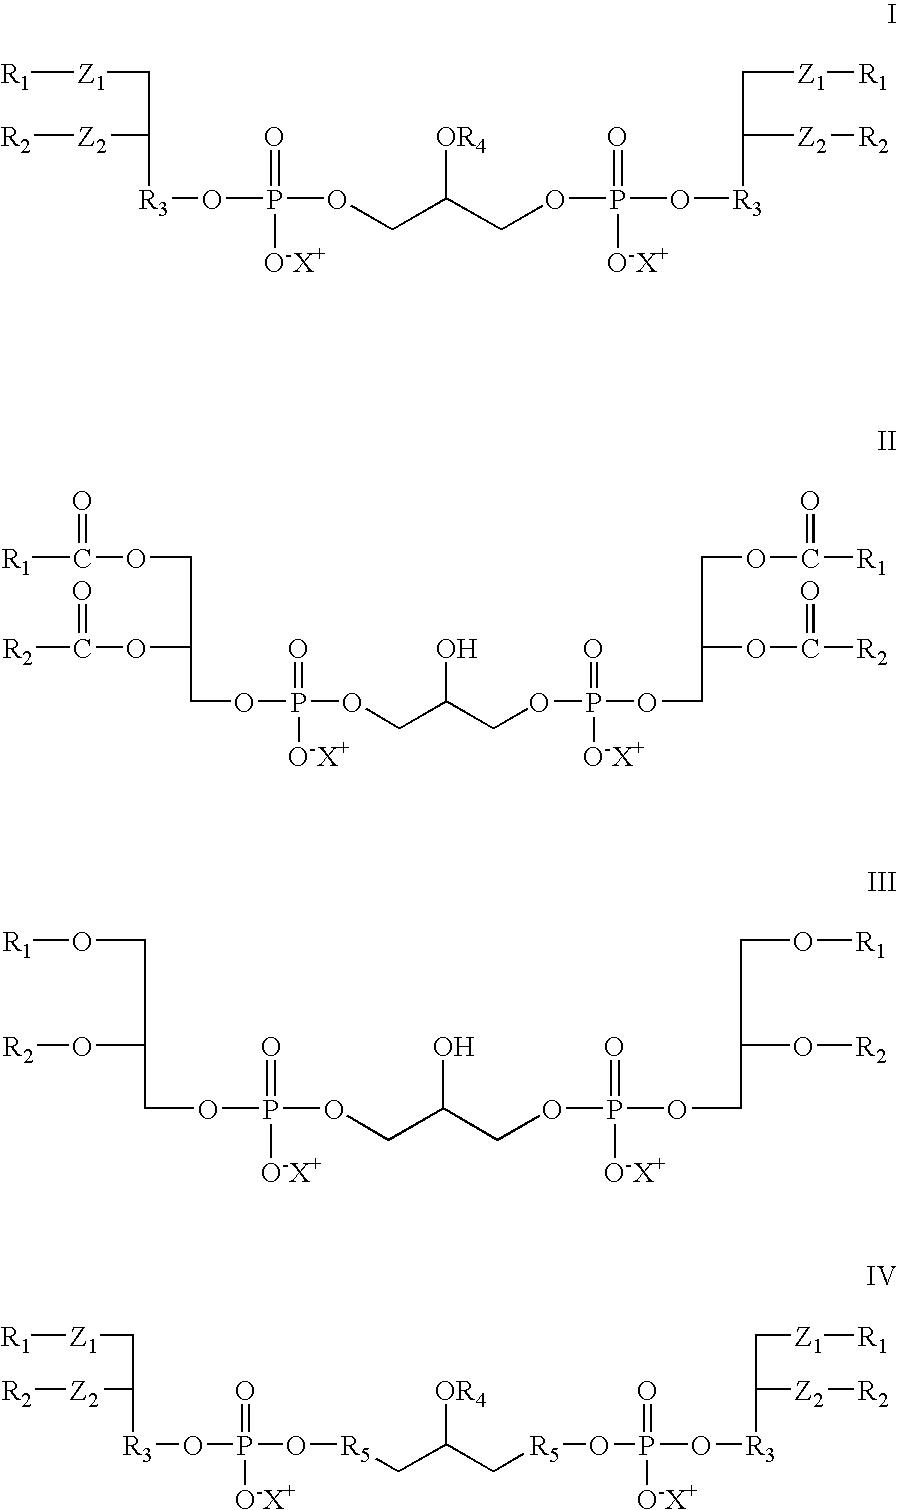 Figure US20050181037A1-20050818-C00027